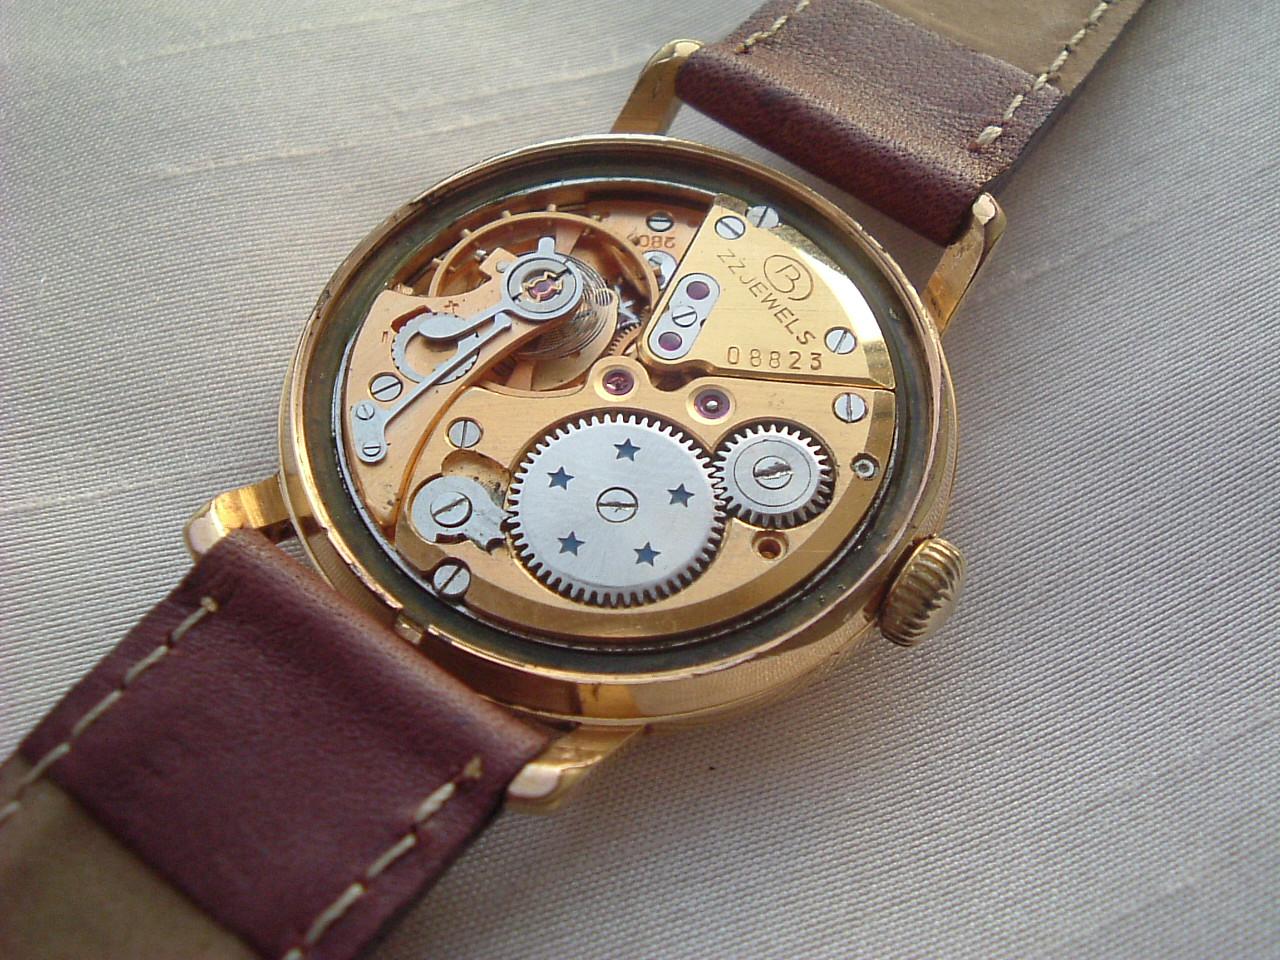 Volna-Russian2 - zenith calibre 135 chronometer - 2